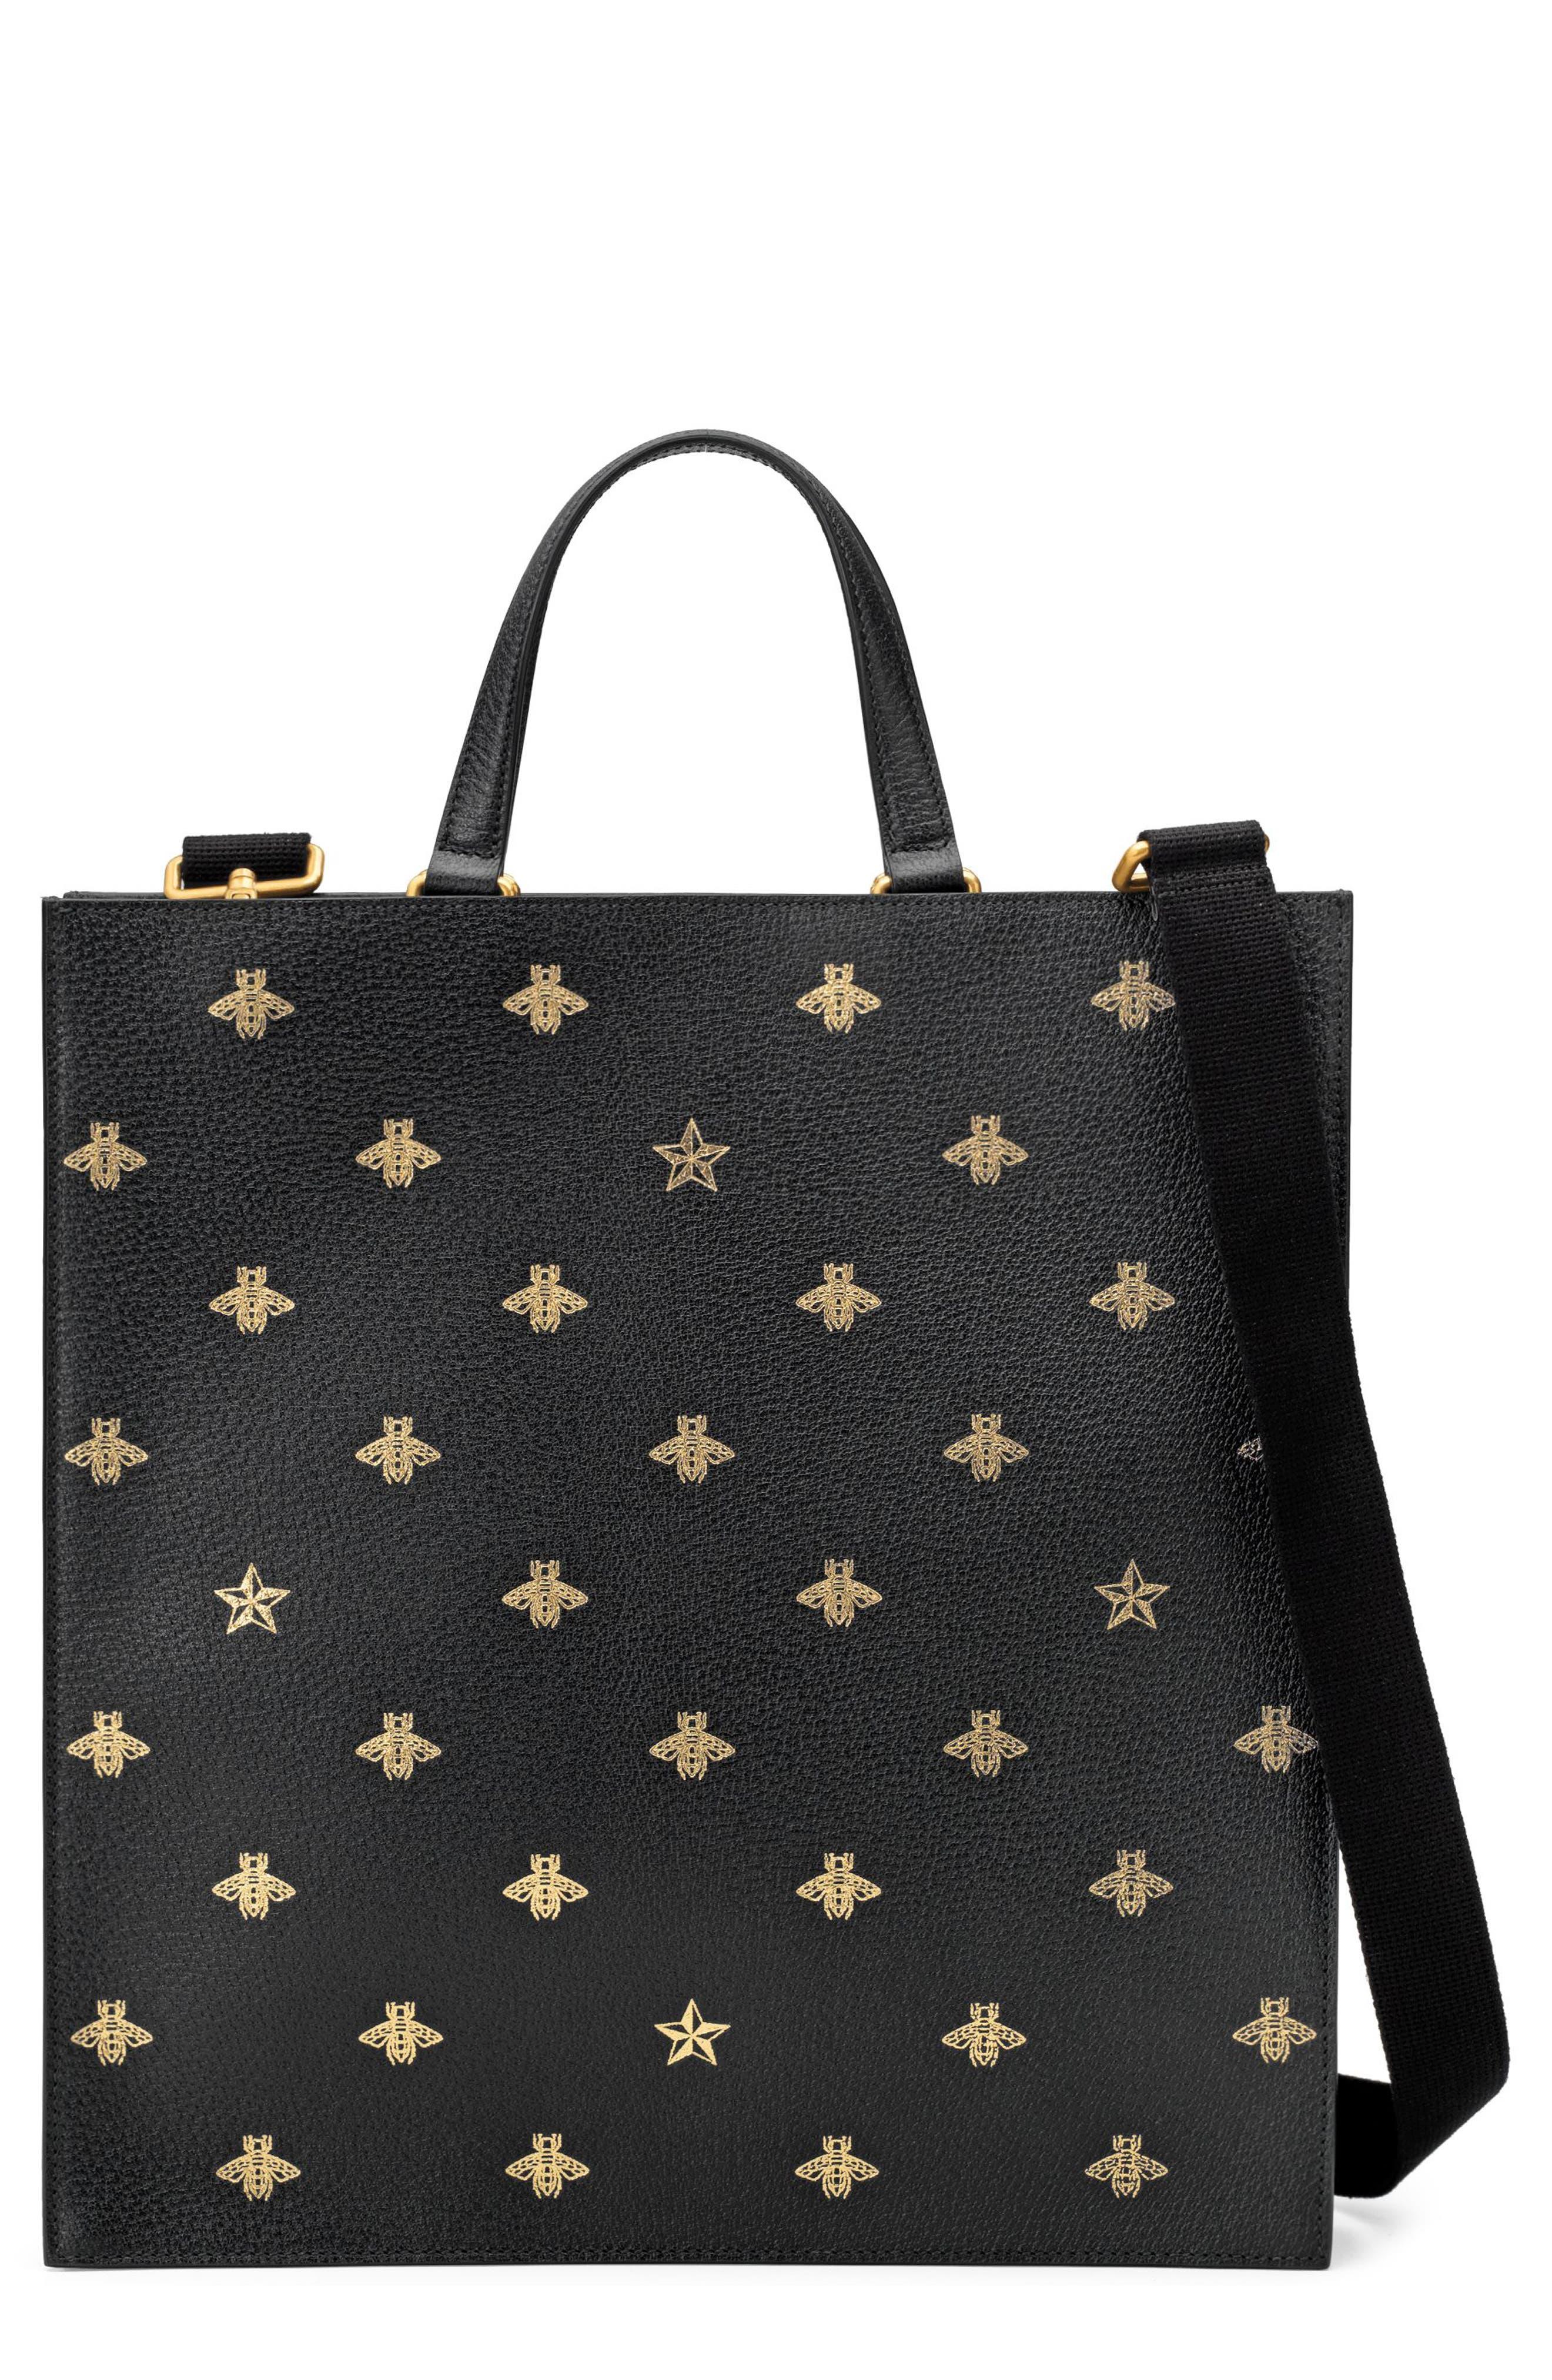 Gucci GG Supreme Leather Tote